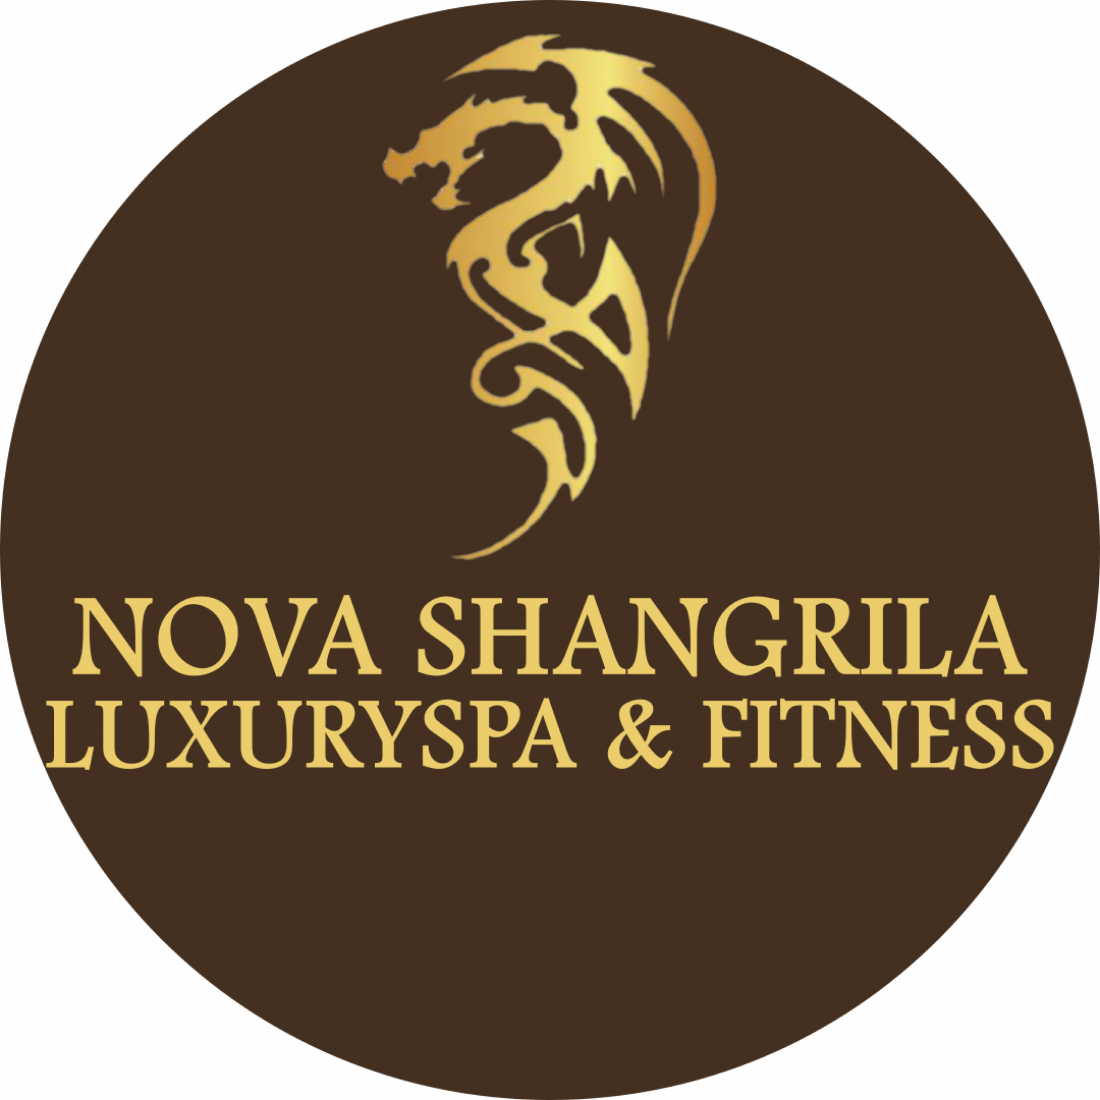 """SPA-программы со скидкой до 50% в """"Nova Shangrila Luxury SPA&Fitness"""" + посещение акватермальной зоны бесплатно!"""